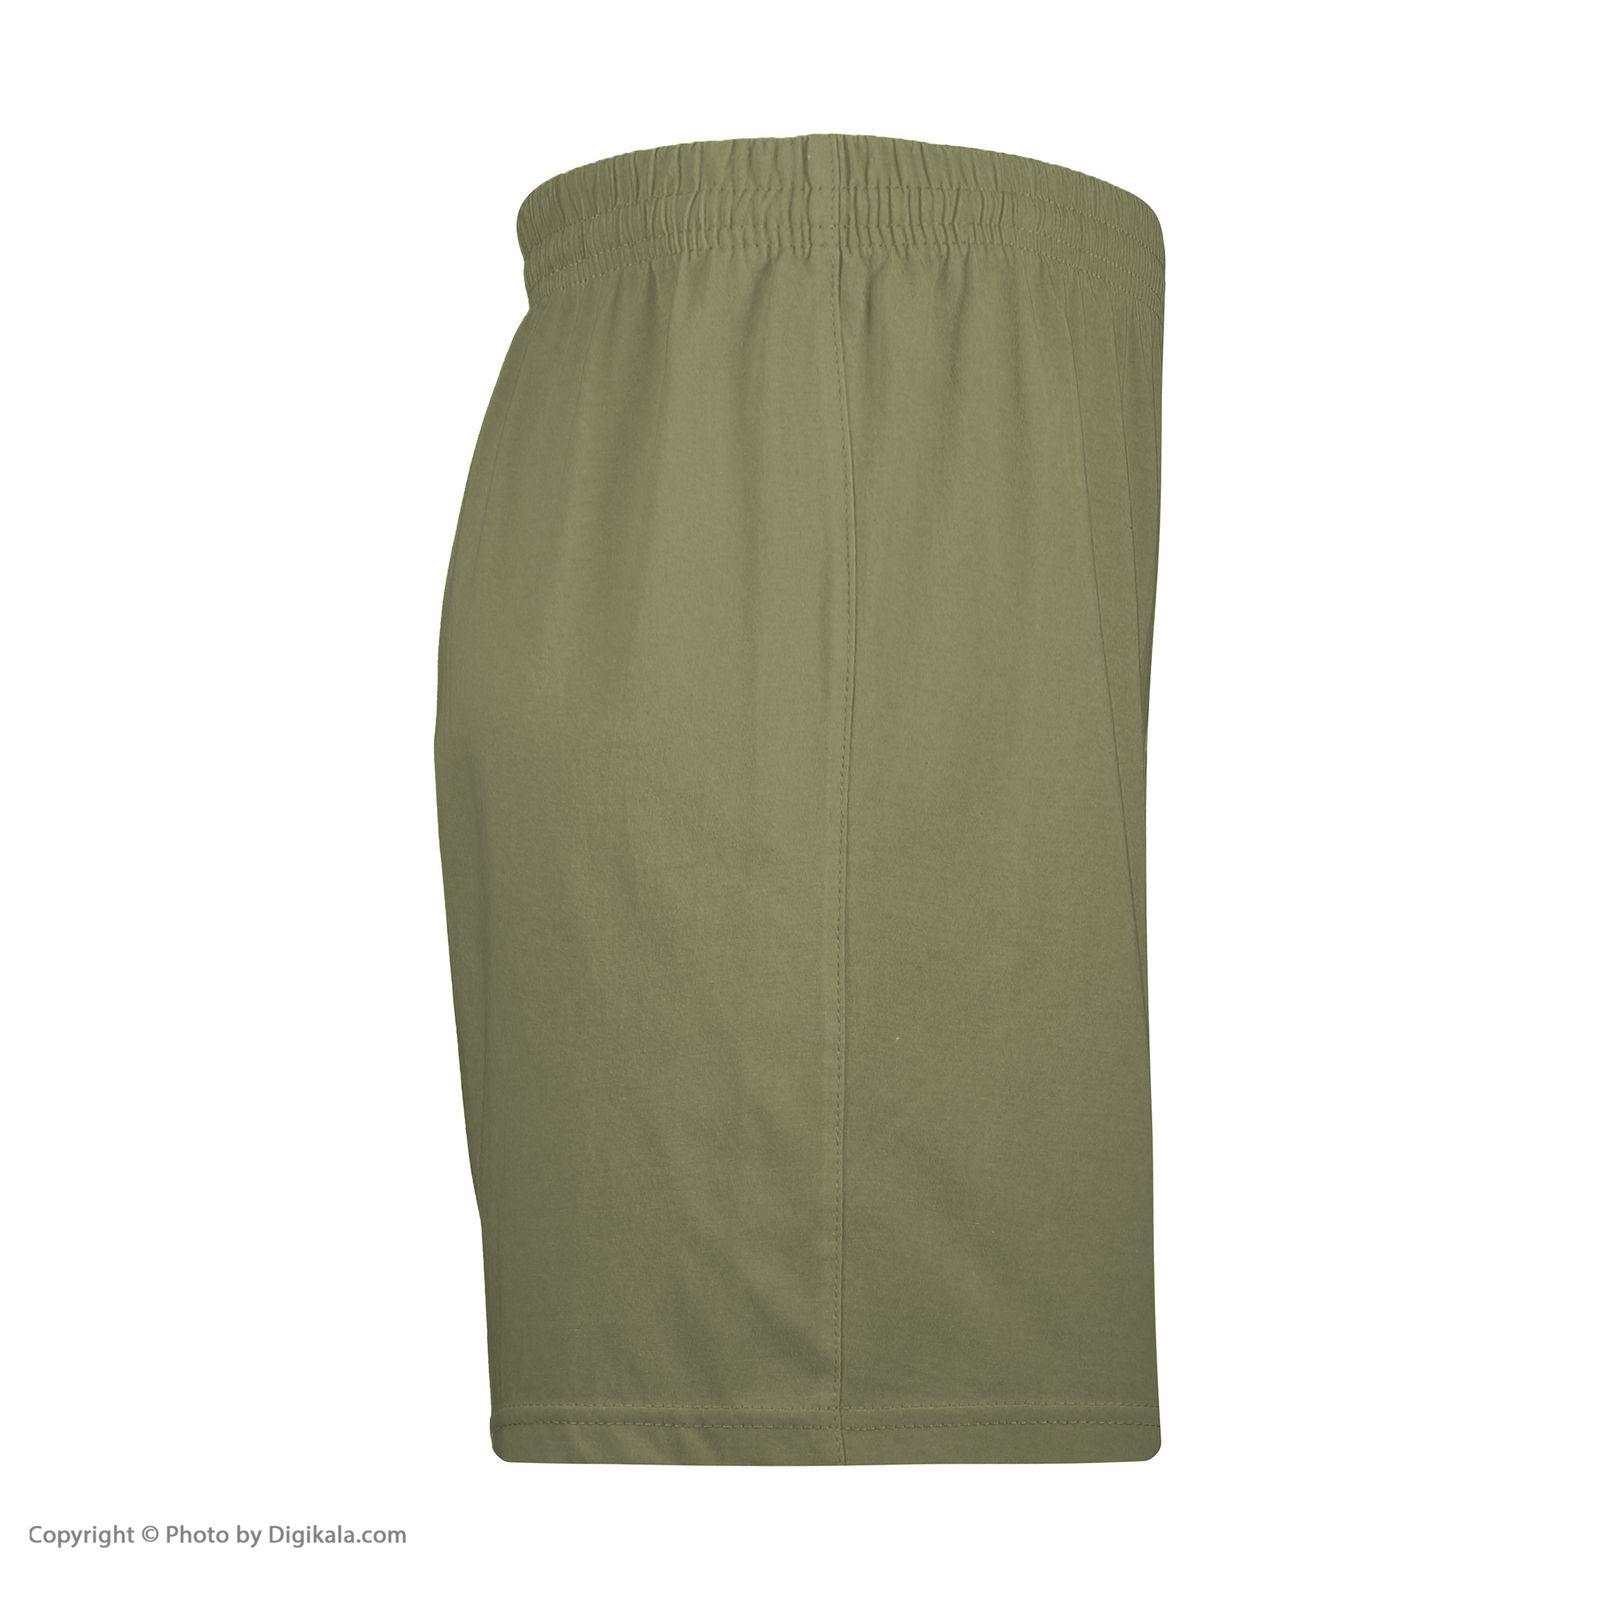 ست پیراهن و شورت ورزشی مردانه استارت مدل v1001-4 -  - 4